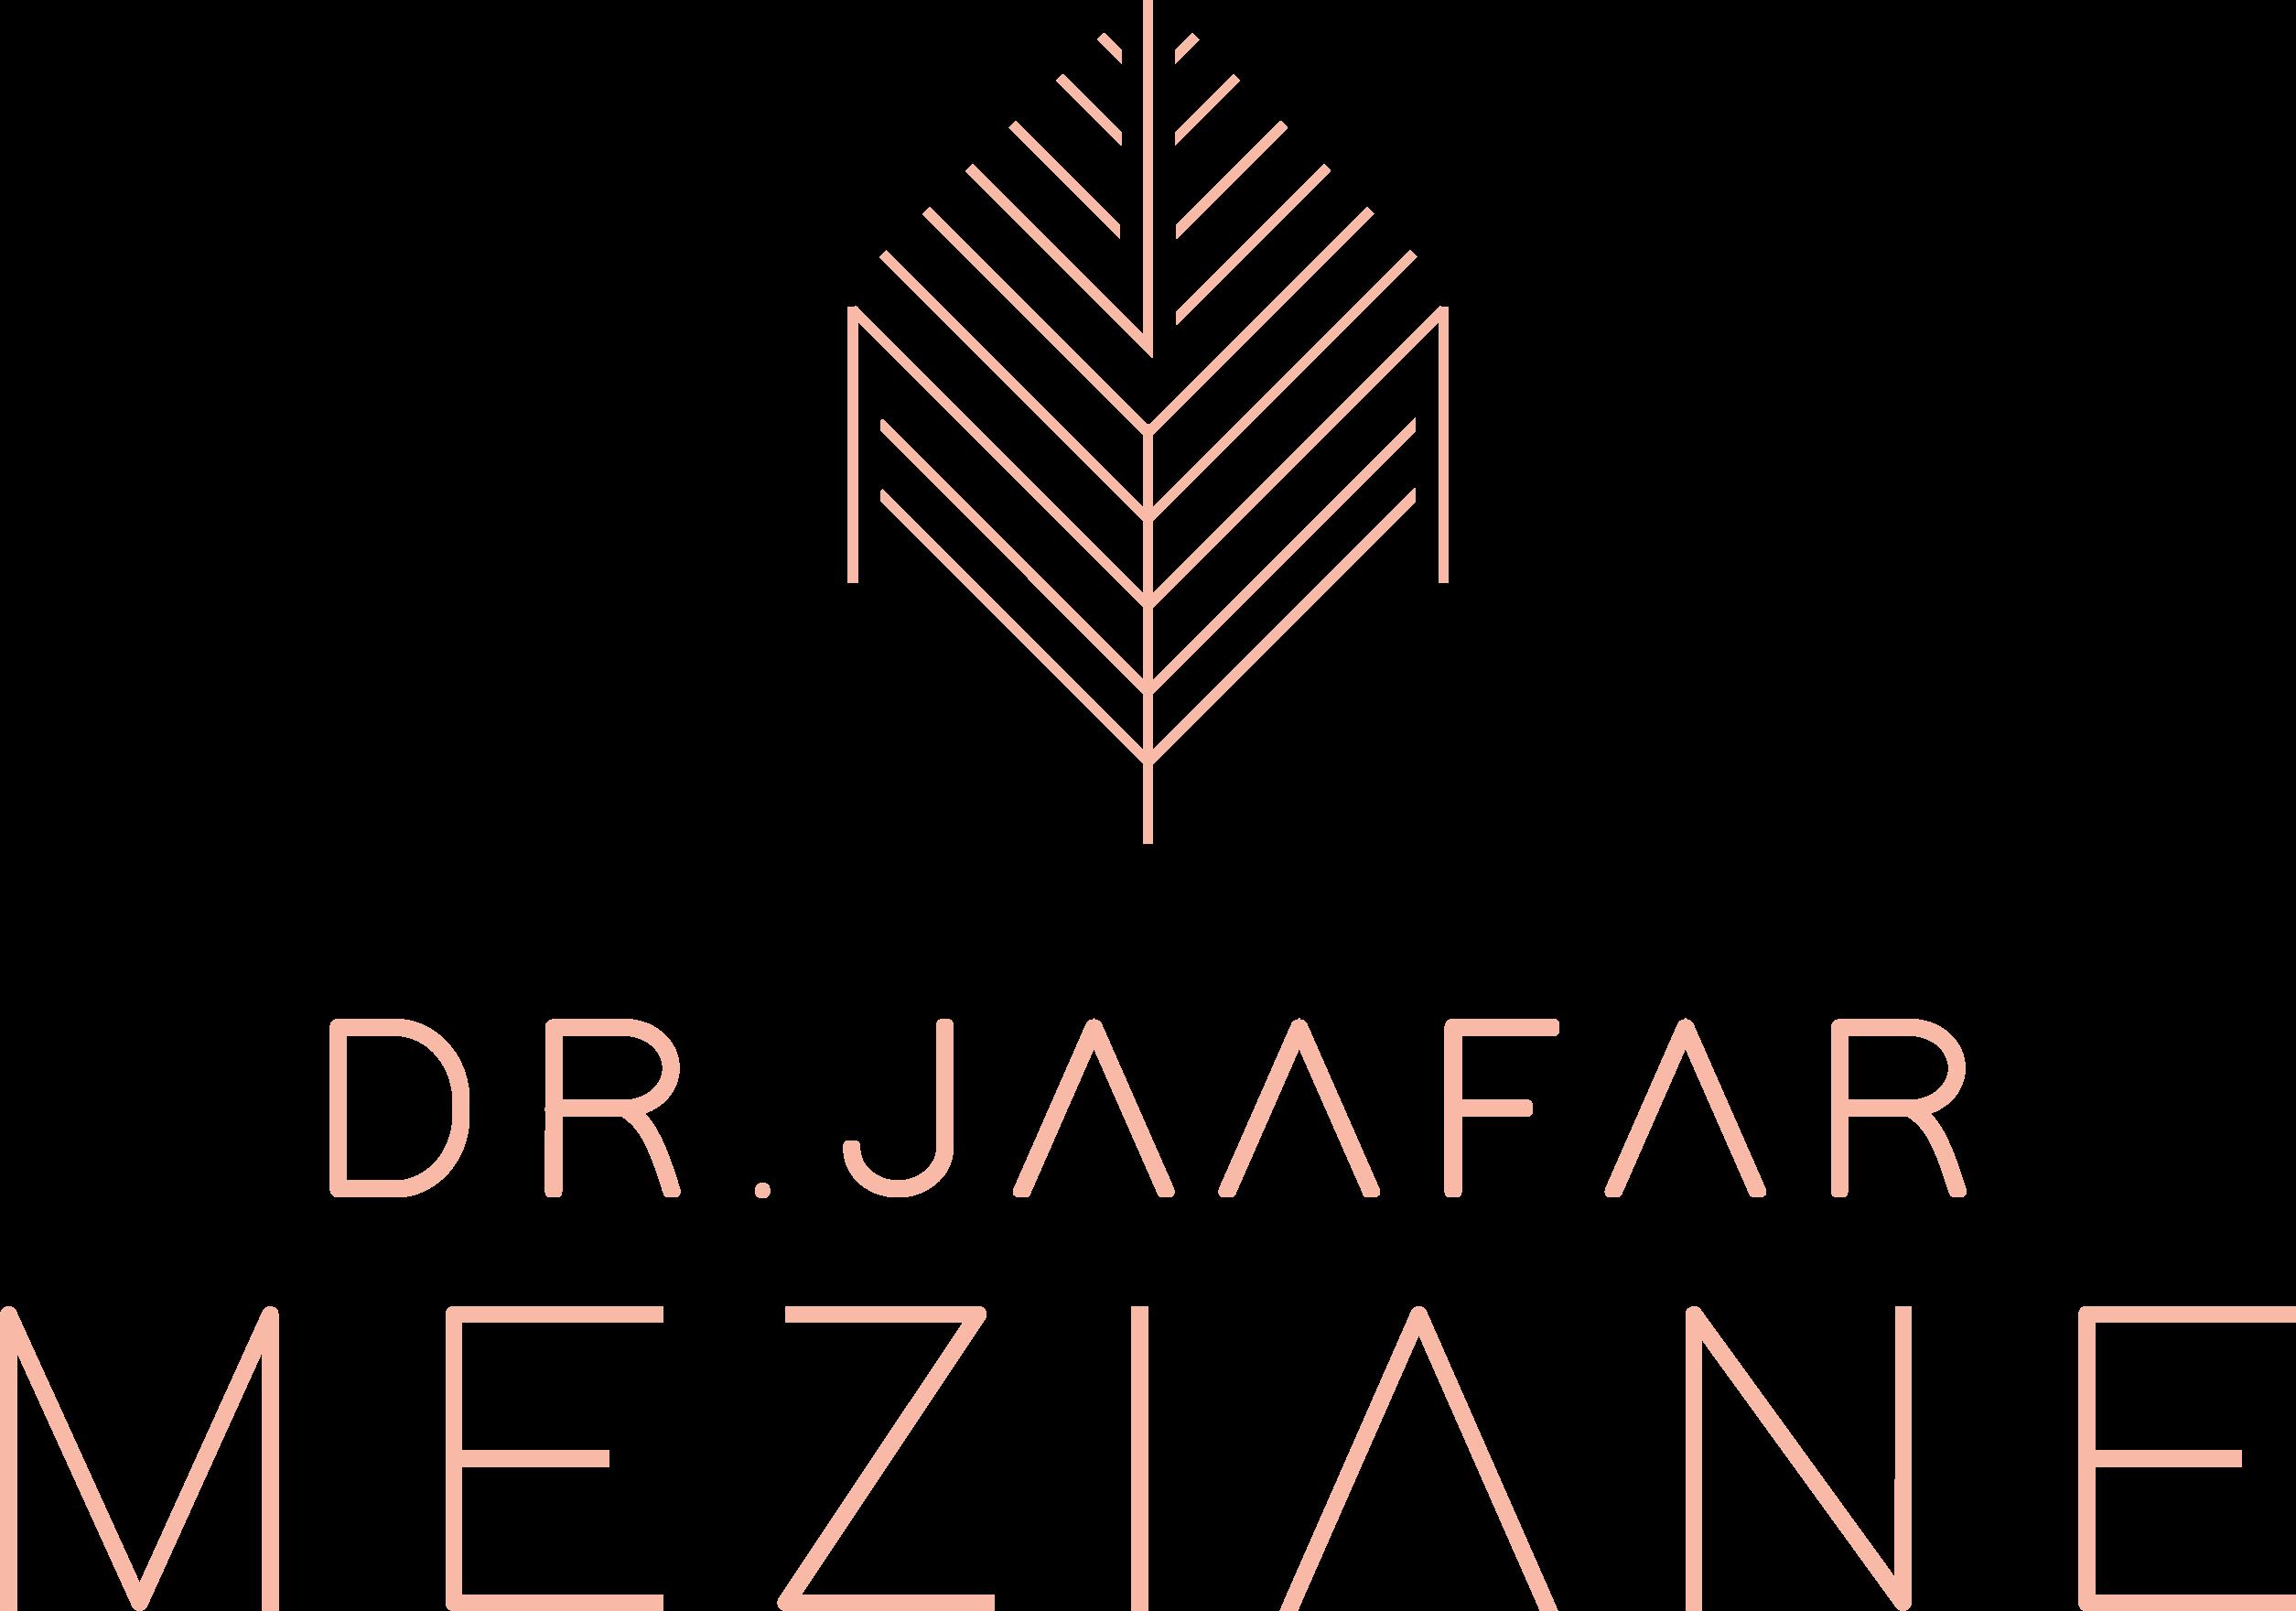 jaafar meziane logo rose